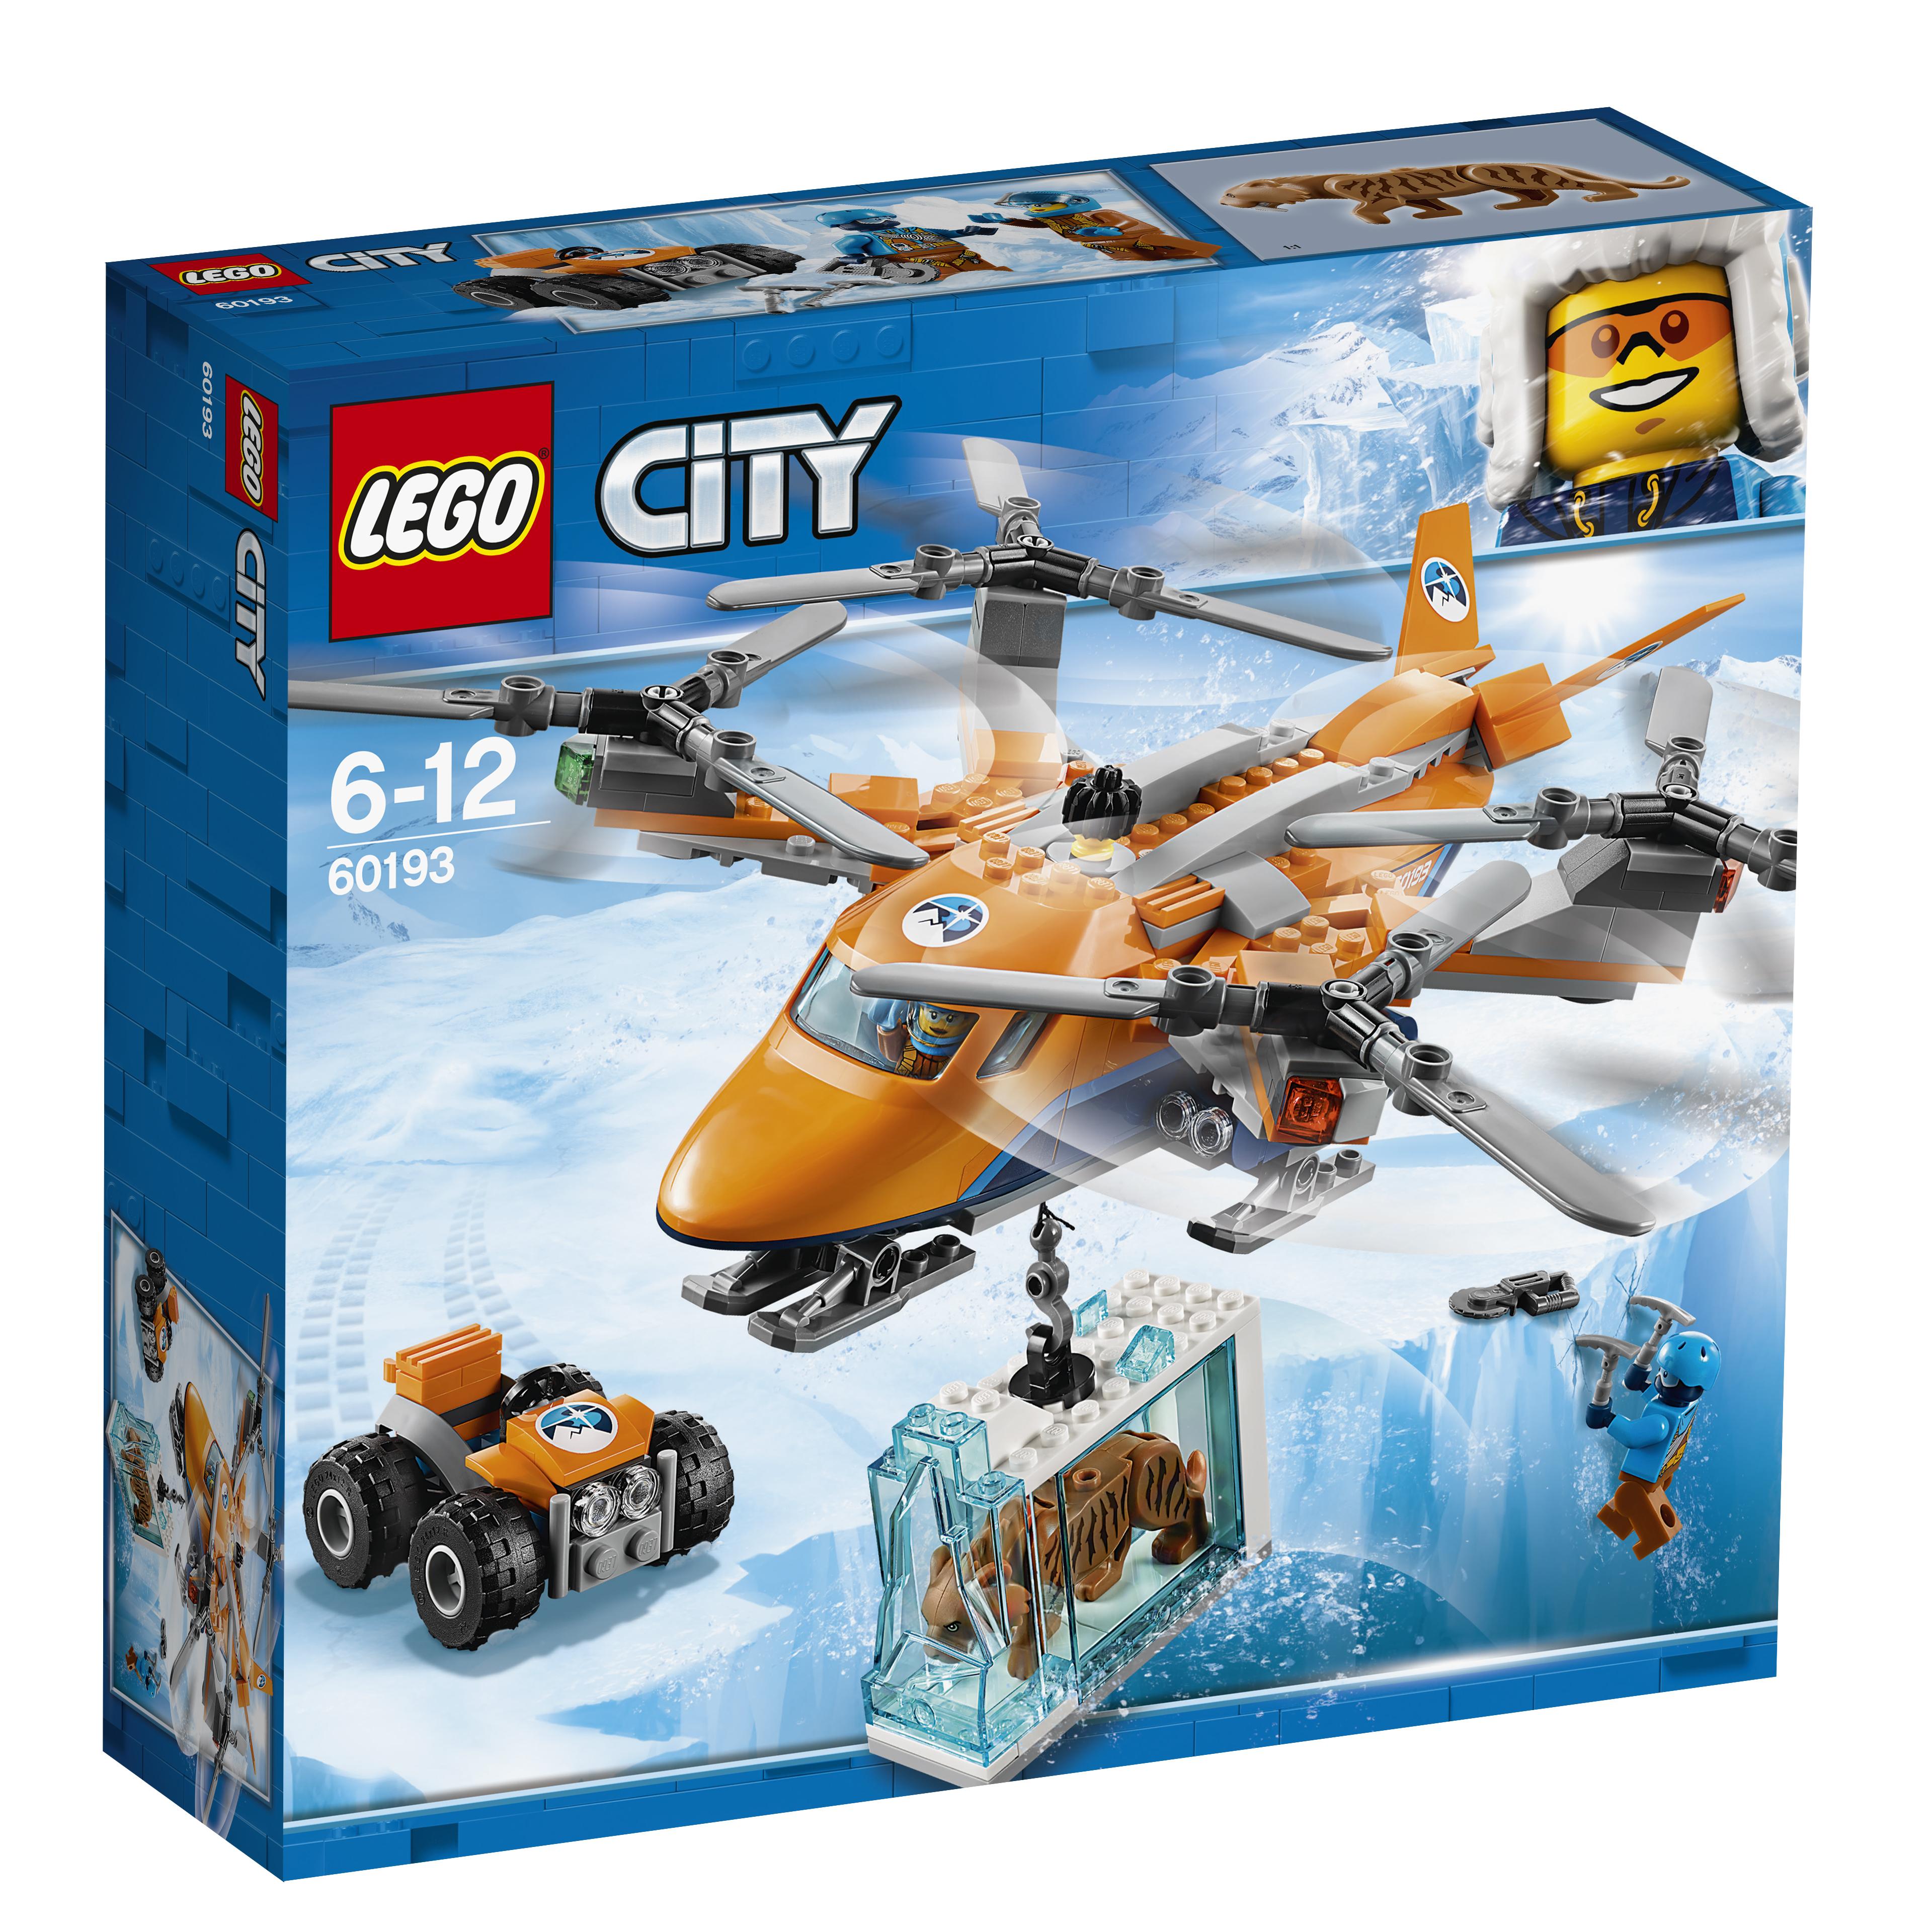 LEGO LEGO Конструктор LEGO City Arctic Expedition 60193 Арктический вертолёт конструктор lego city jungle explorer 60157 набор джунгли для начинающих